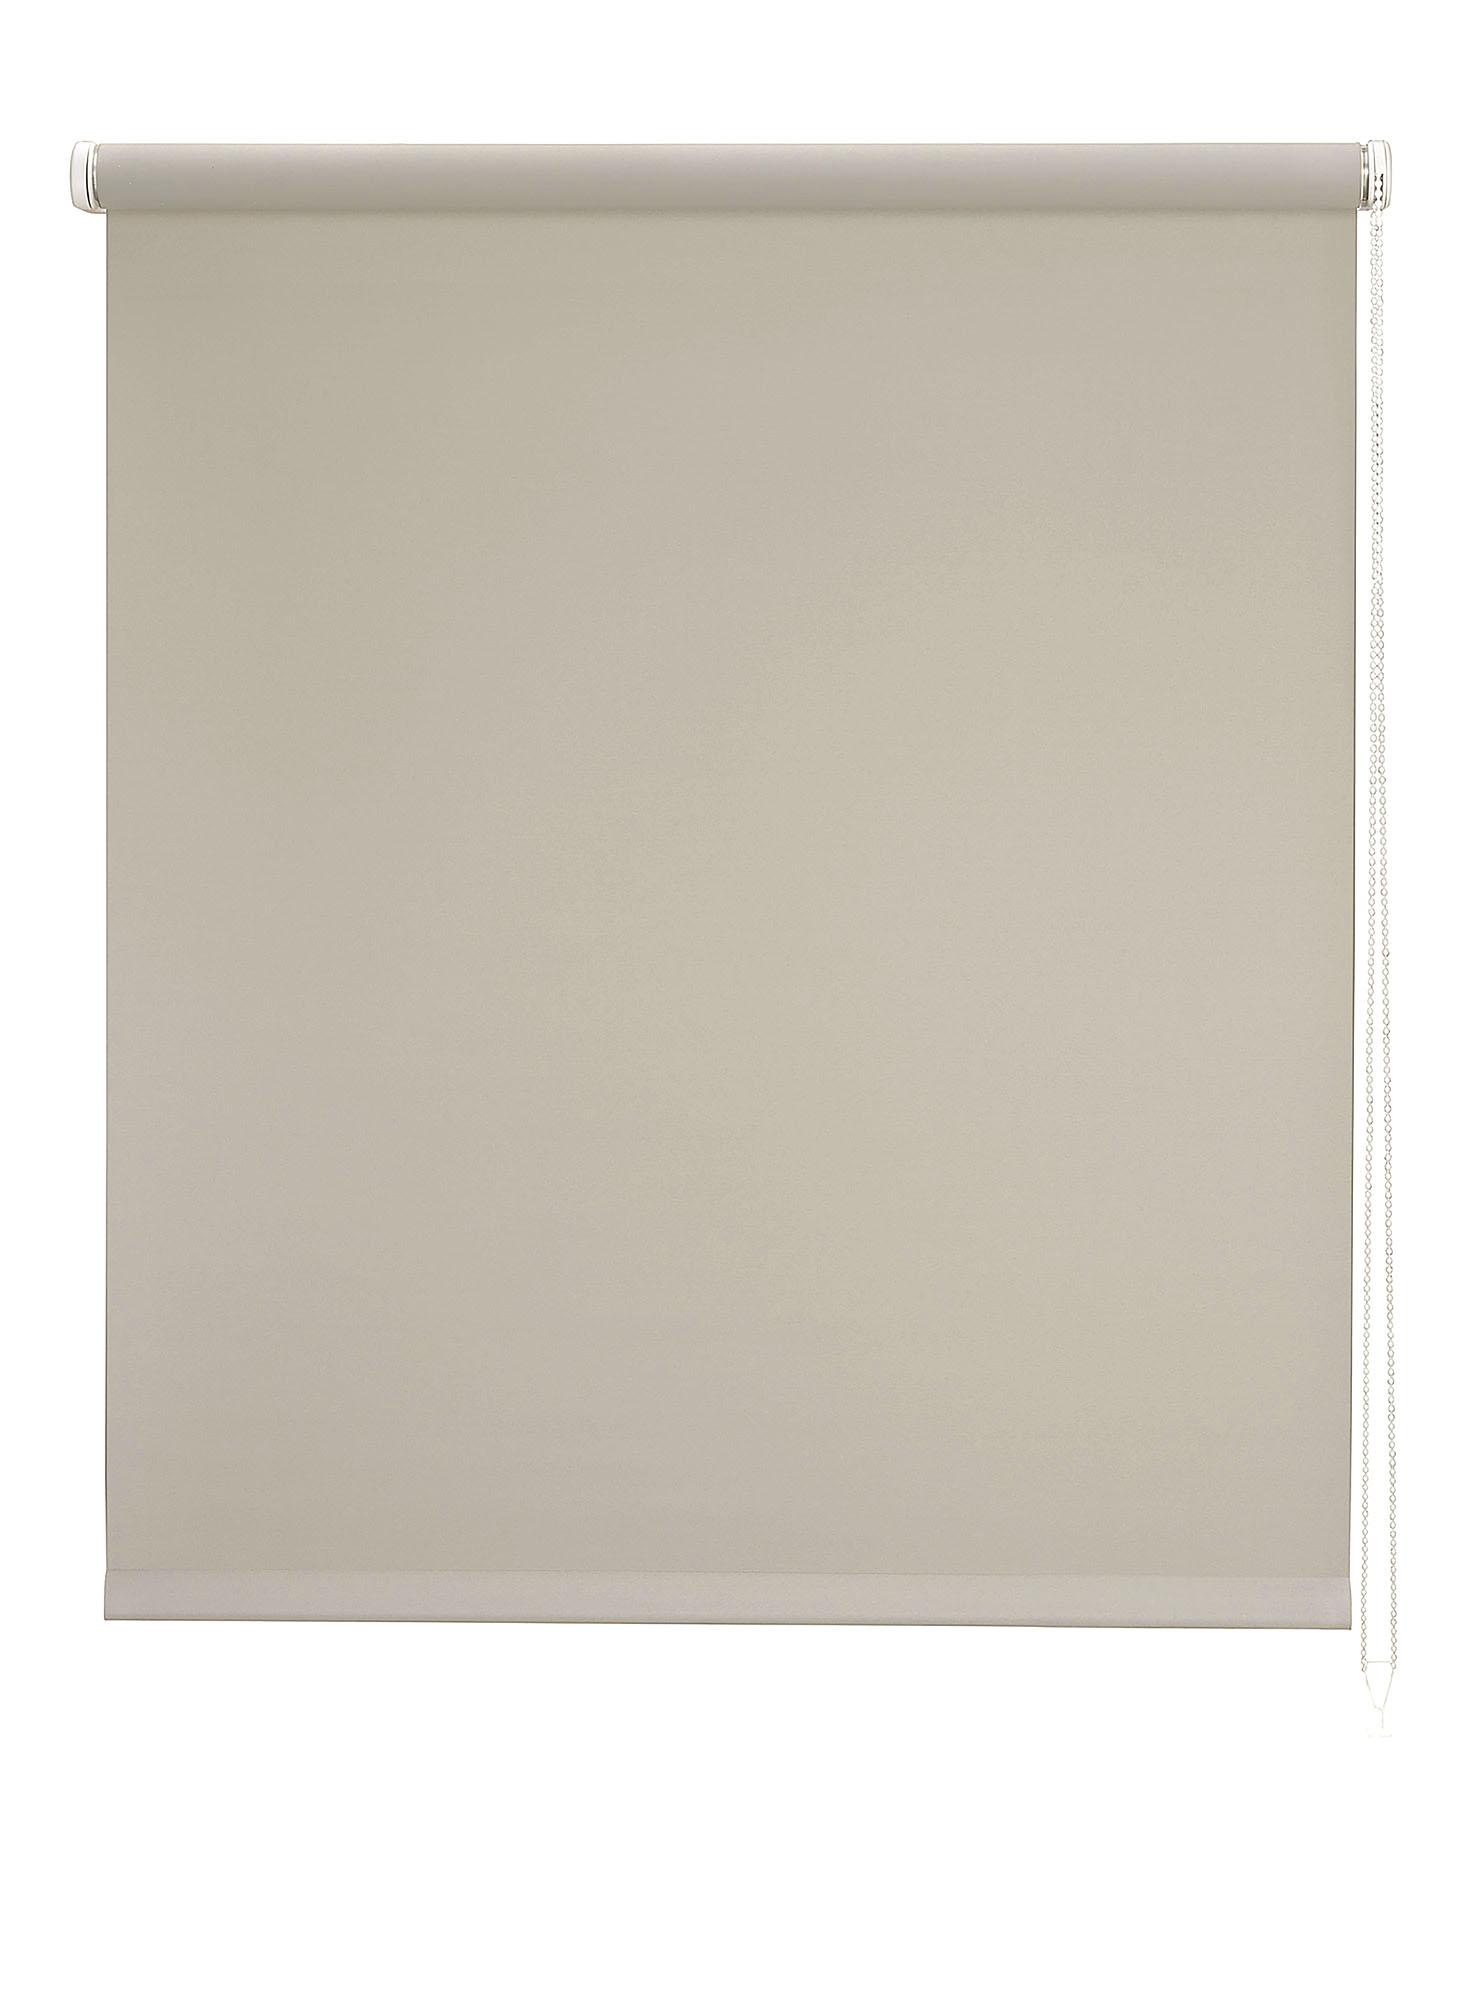 Store enrouleur Translucide - Beige - 150 x 250 cm